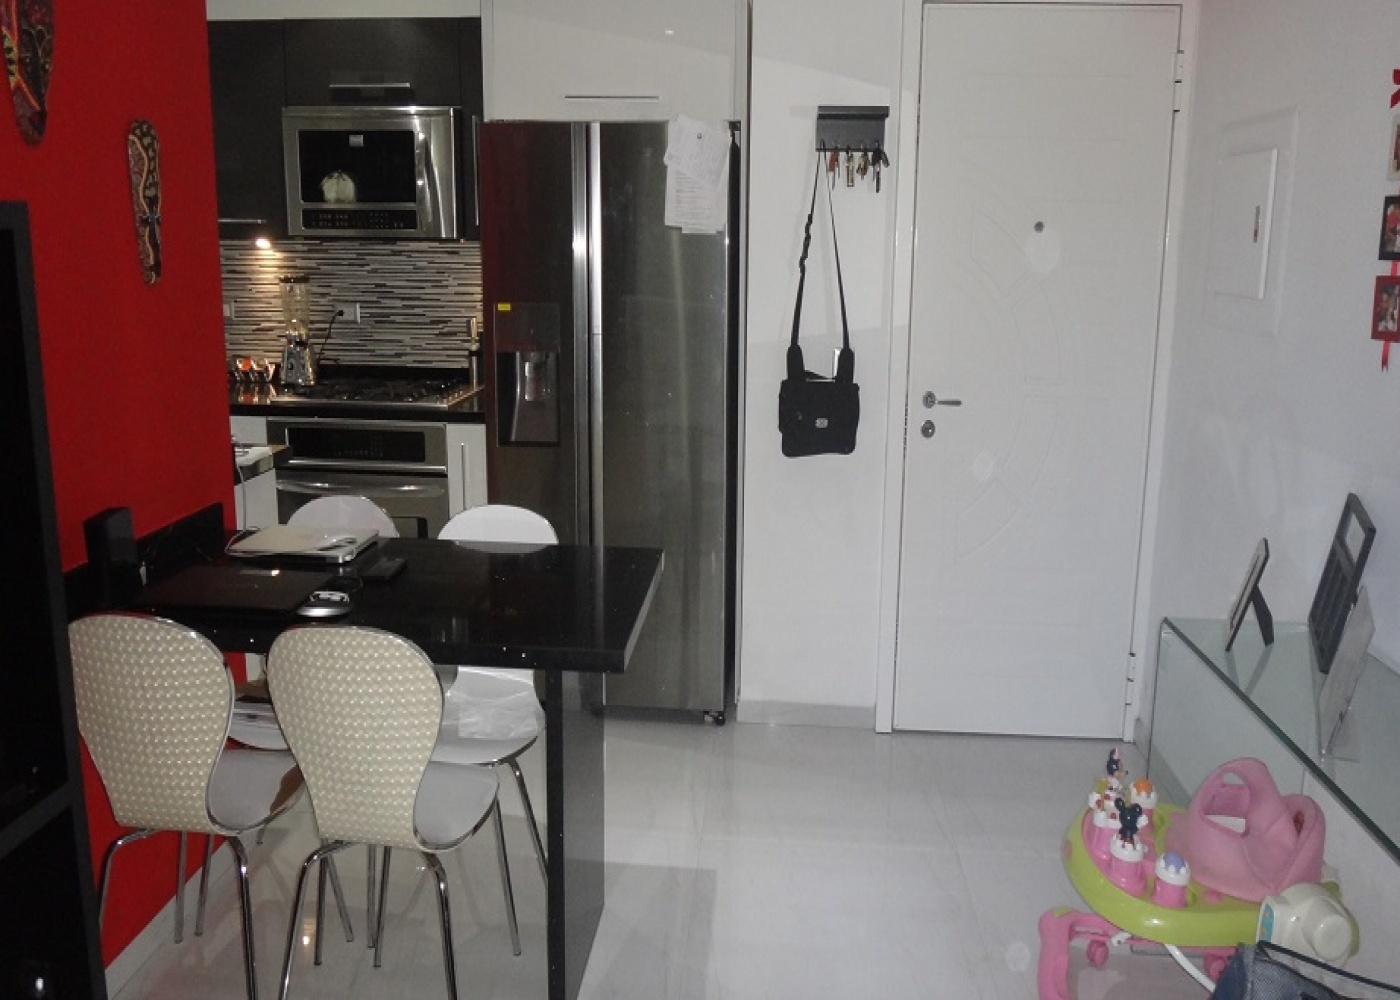 Anauco,Caracas,Gran Caracas,2 Bedrooms Bedrooms,1 BañoBathrooms,Apartamento,Portico,Anauco,1021